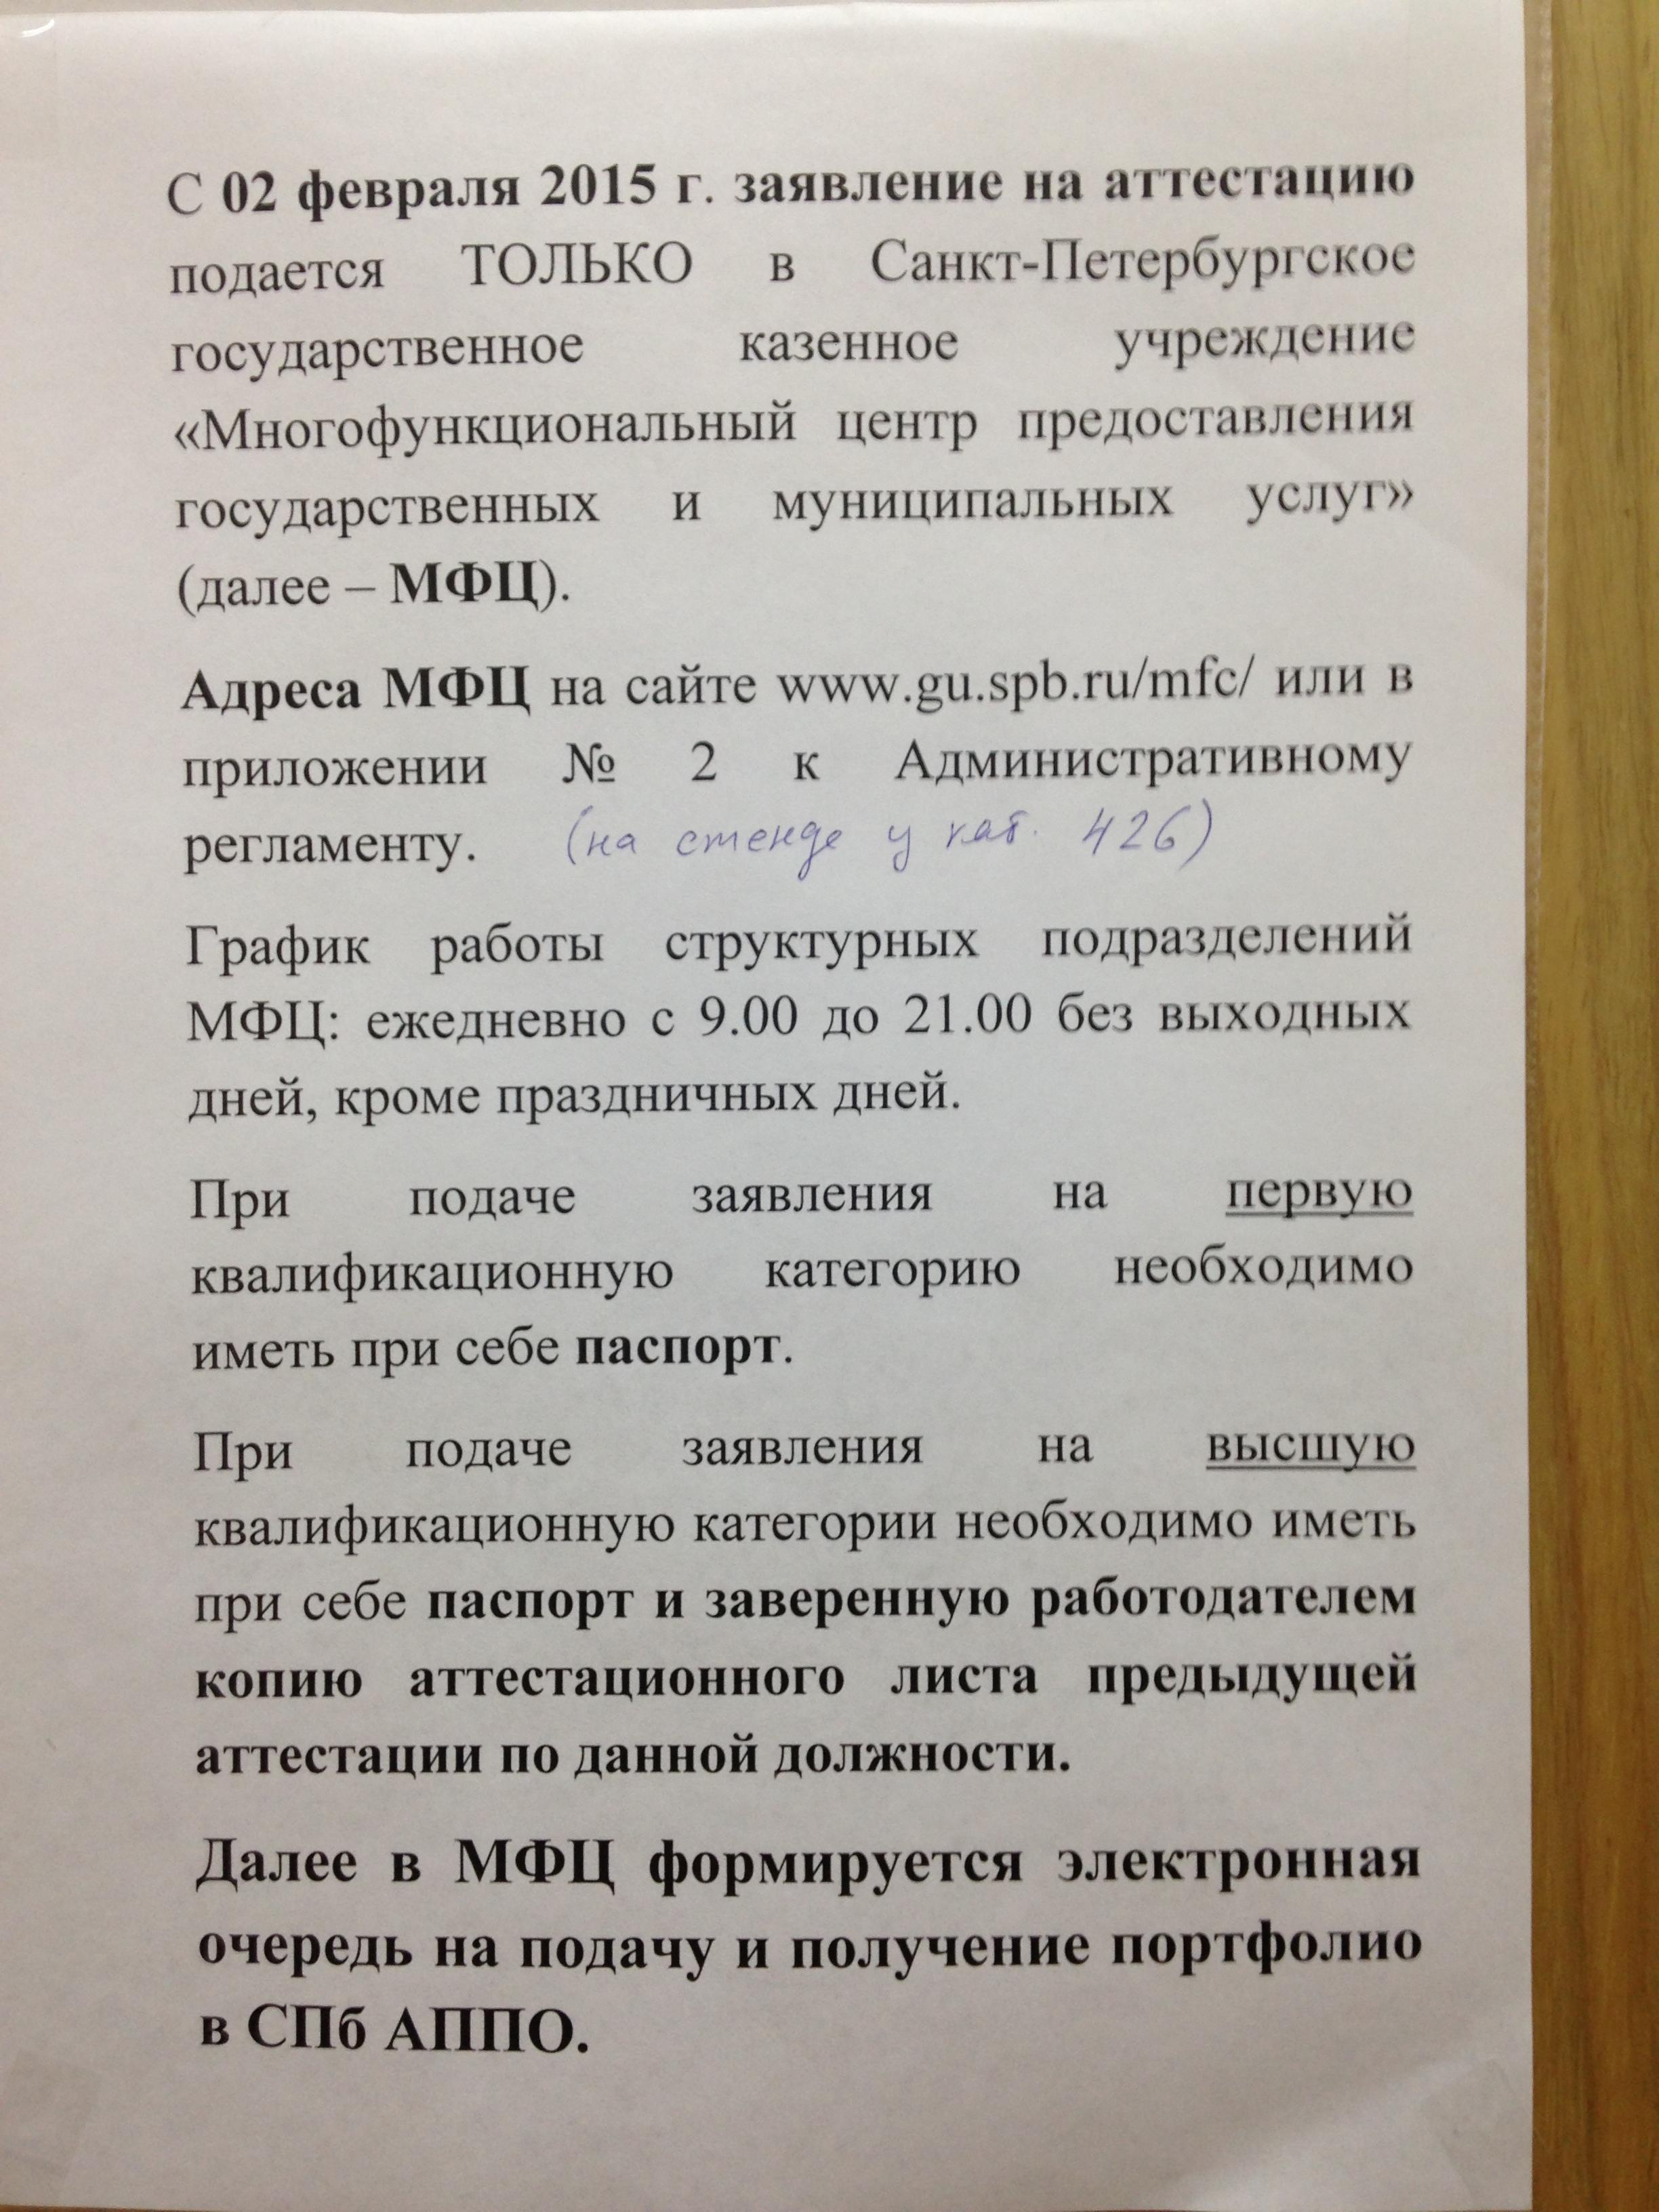 образец приложения к заявлению на аттестацию воспитателя